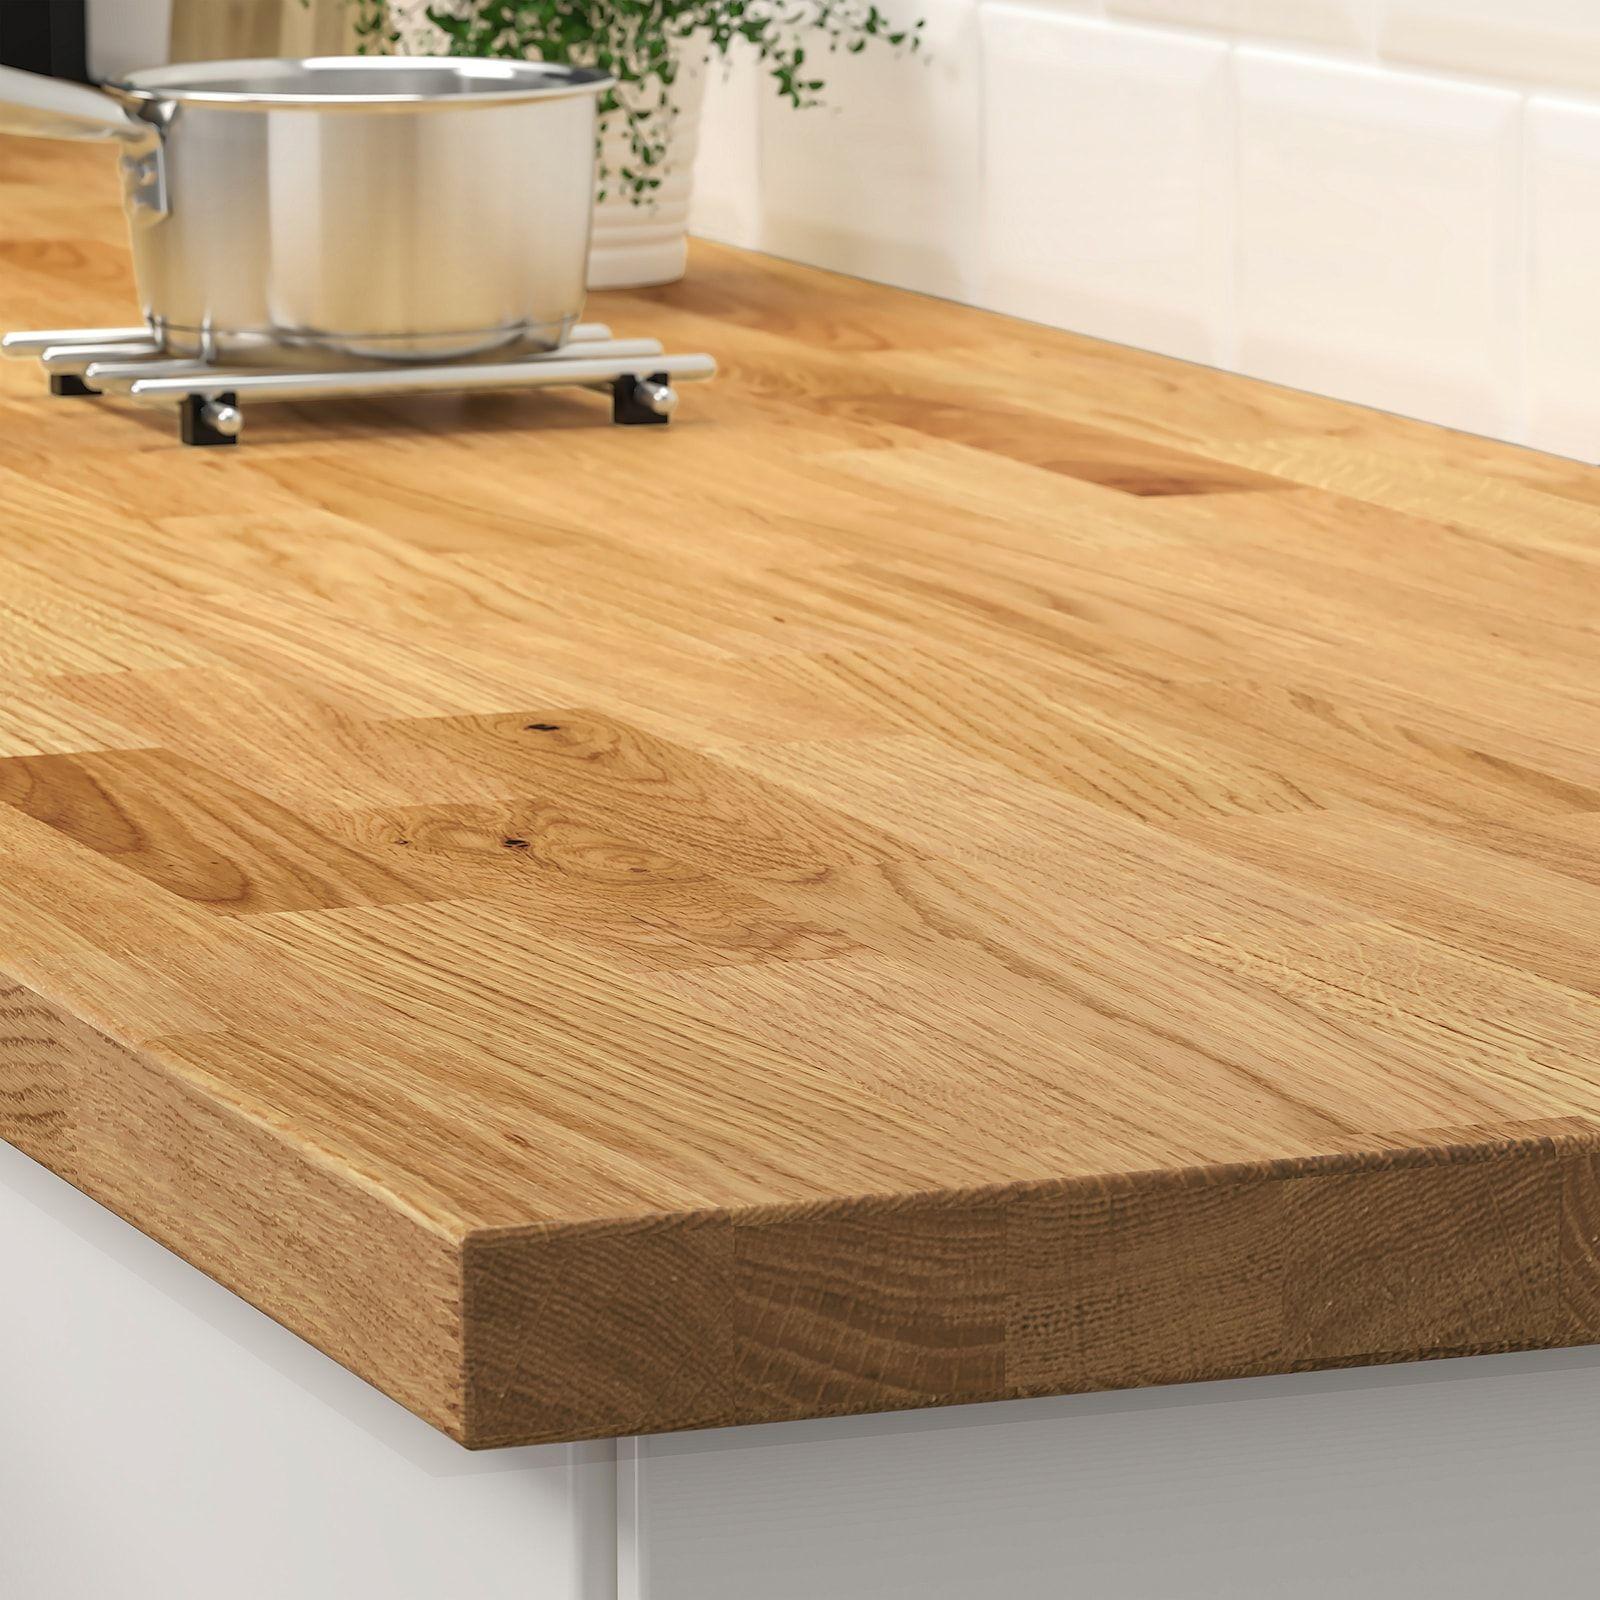 Karlby Werkblad Eiken Fineer 186x3 8 Cm Ikea In 2020 Karlby Countertop Kitchen Countertops Wood Countertops